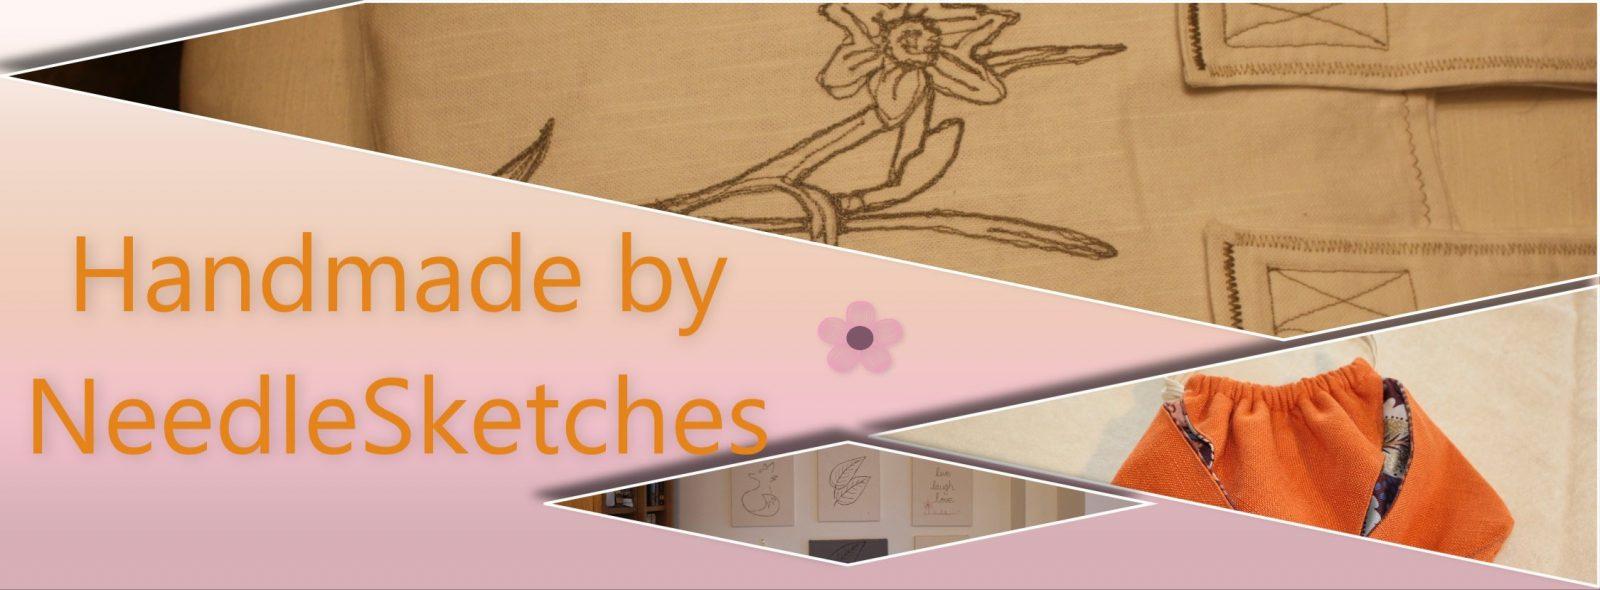 NeedleSketches